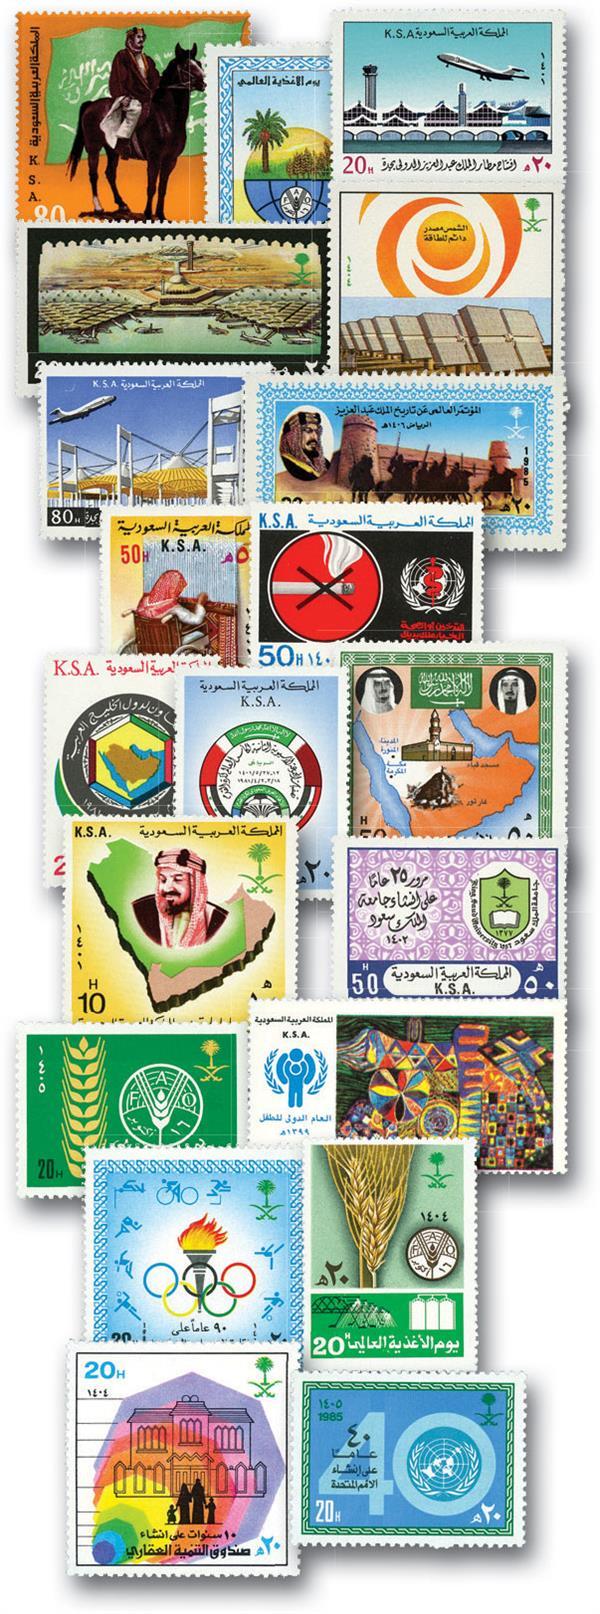 1980-86 Saudi Arabia Mint Stamps; 77 Different